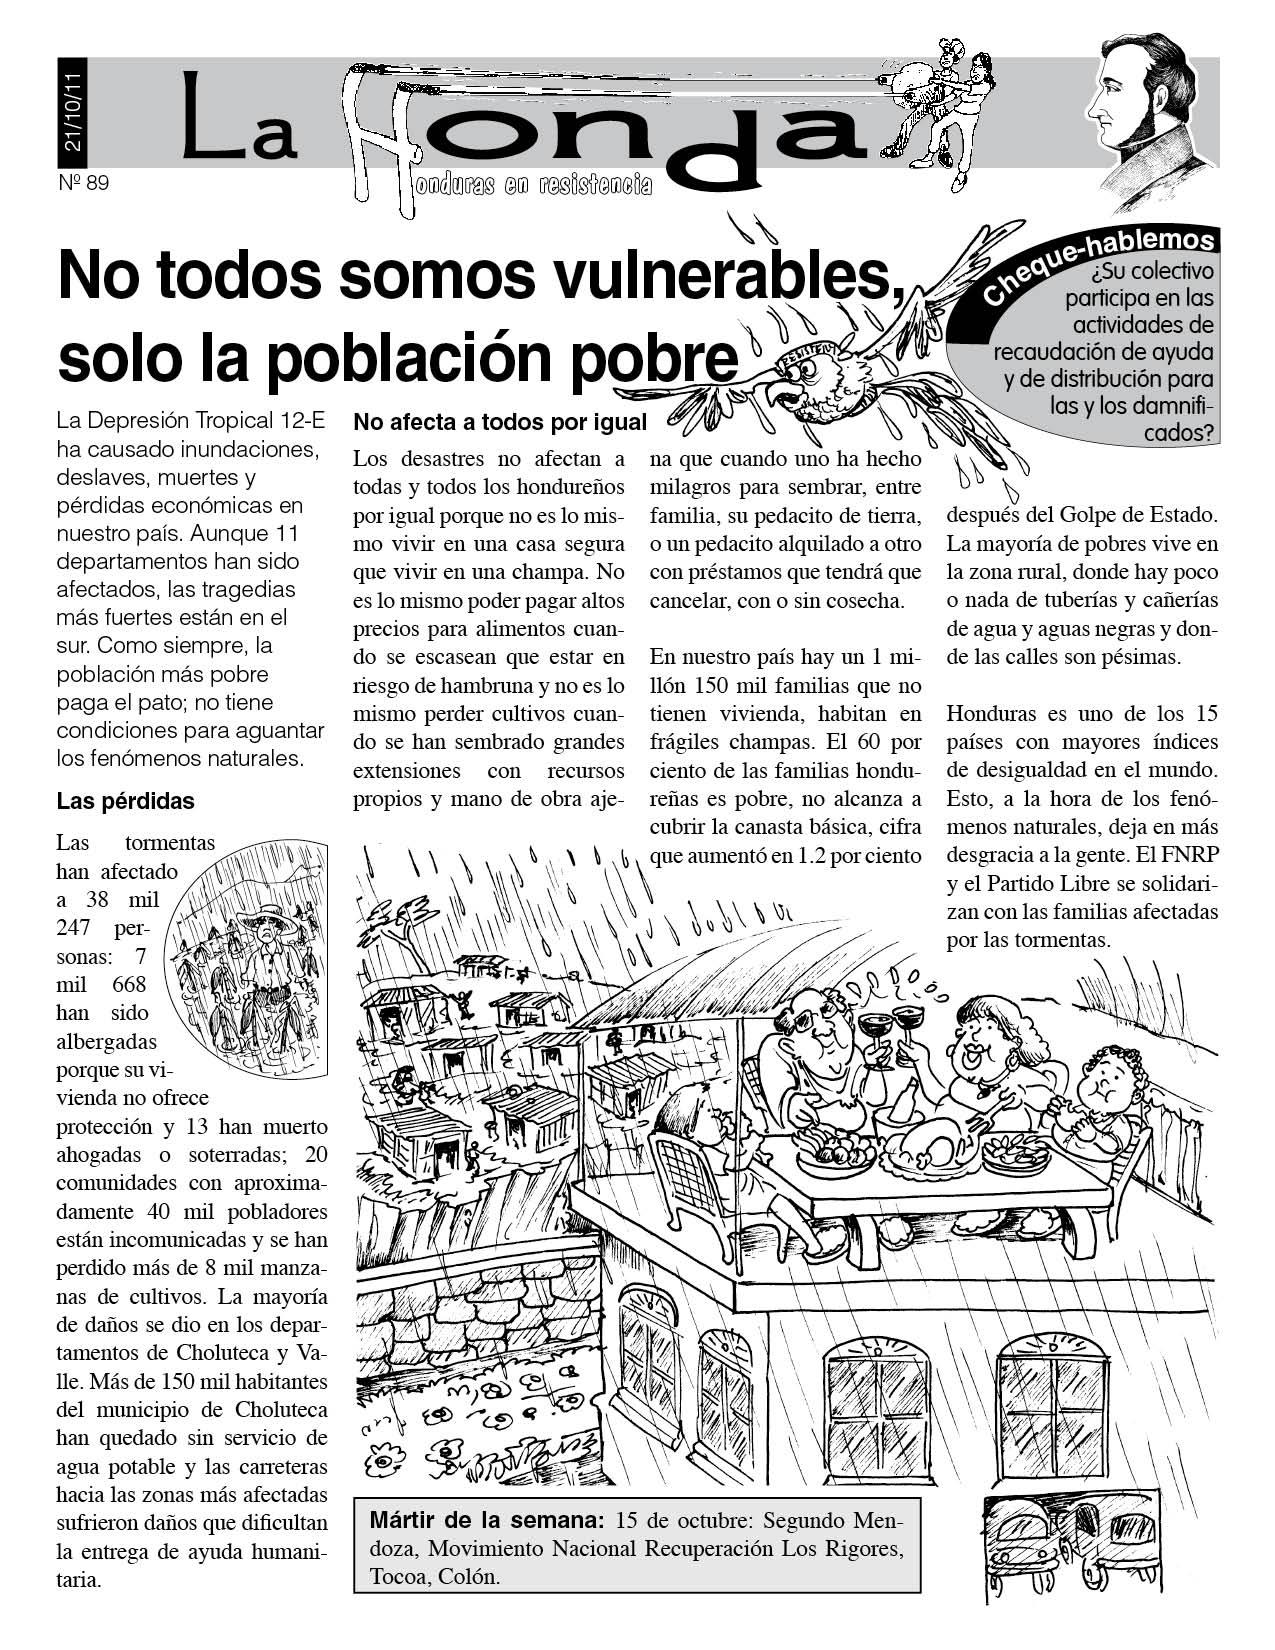 La Honda 89: No todos somos vulnerables, solo la población pobre